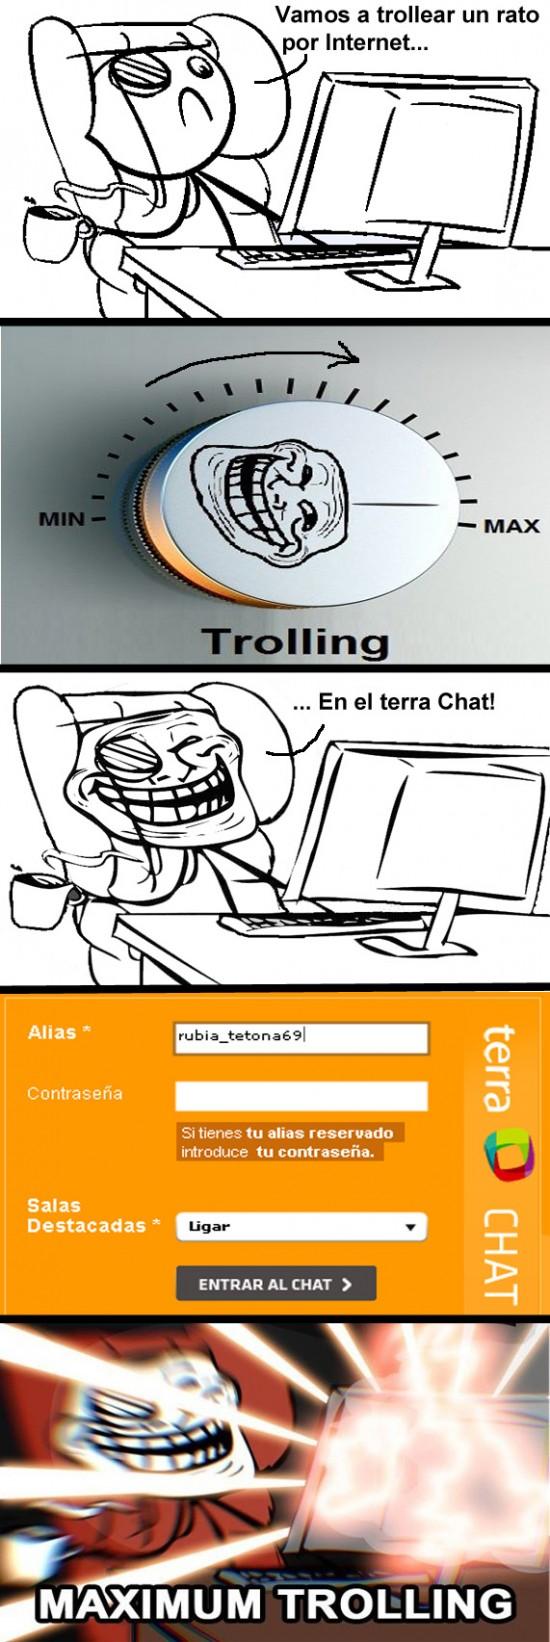 Trollface - Trolleando como en los viejos tiempos